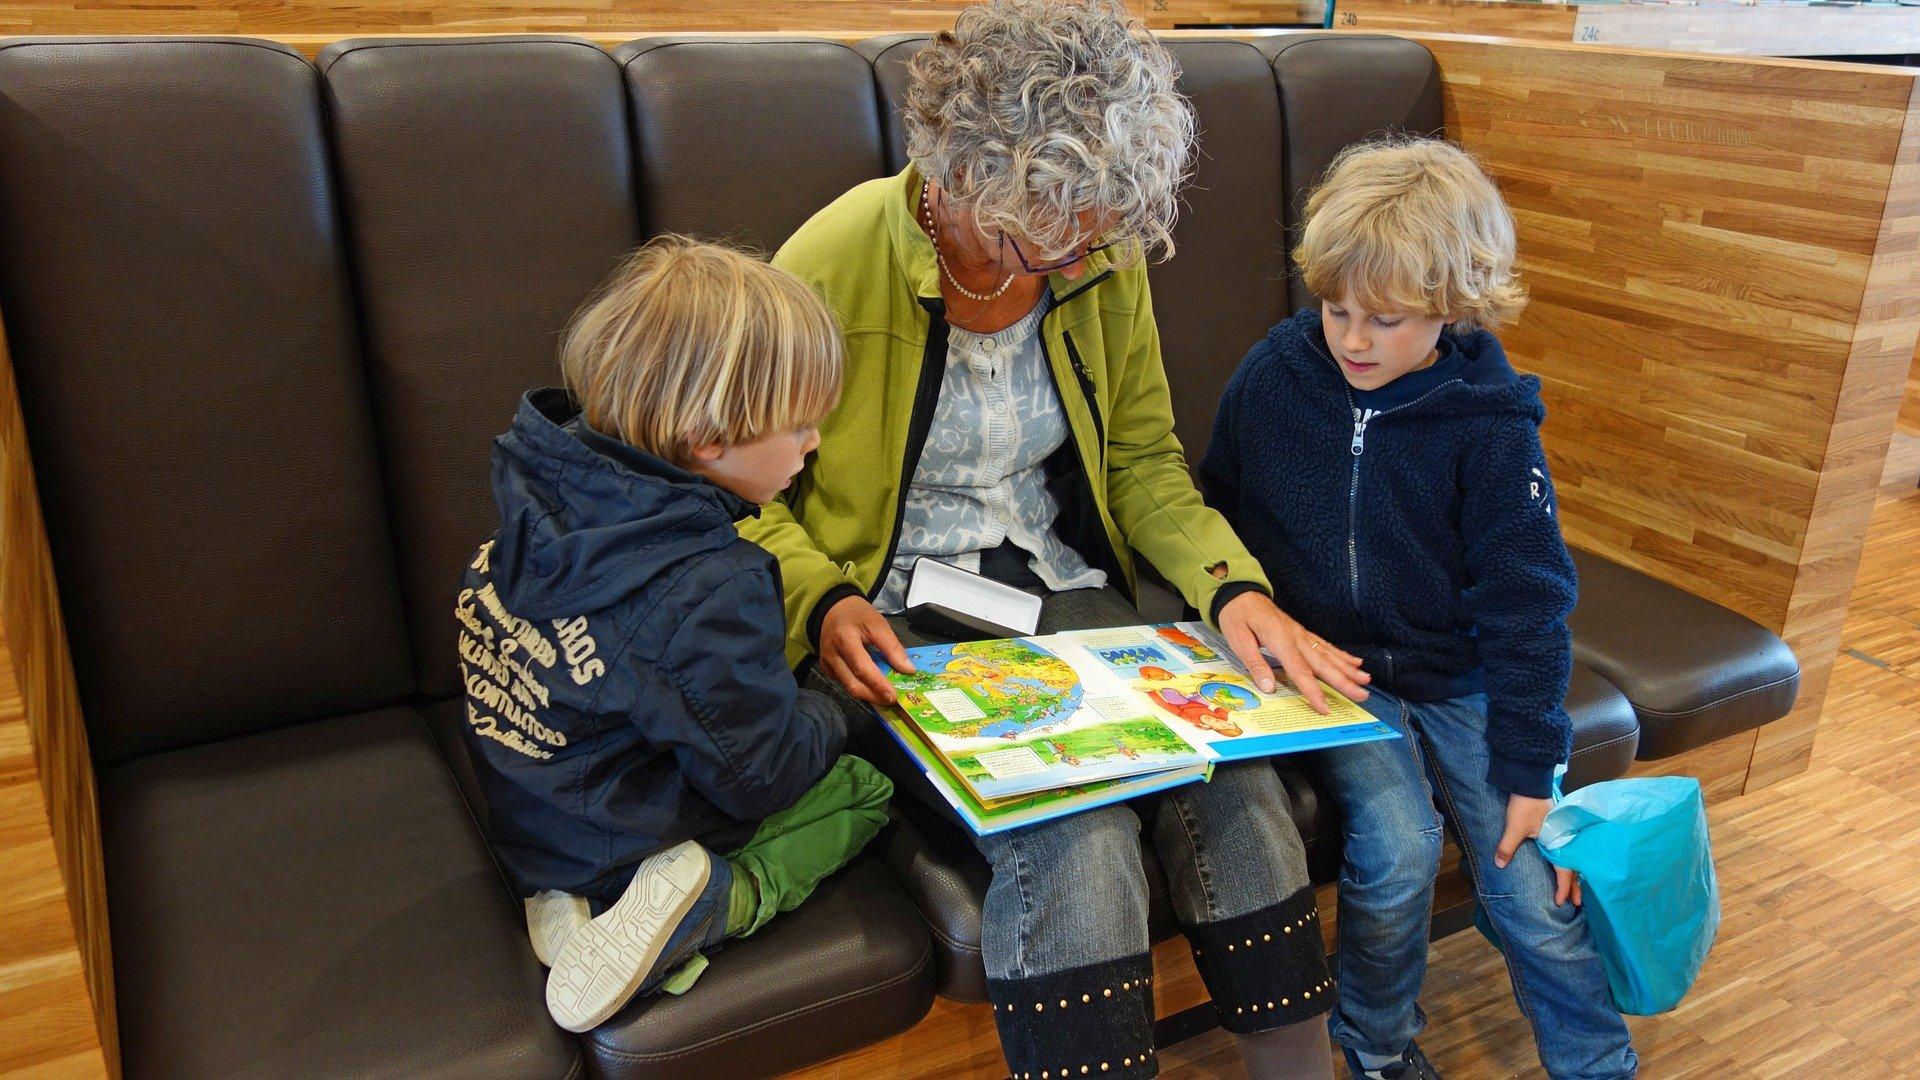 Familiengeschichte kindgerecht darstellen gab Ideen und Anregungen